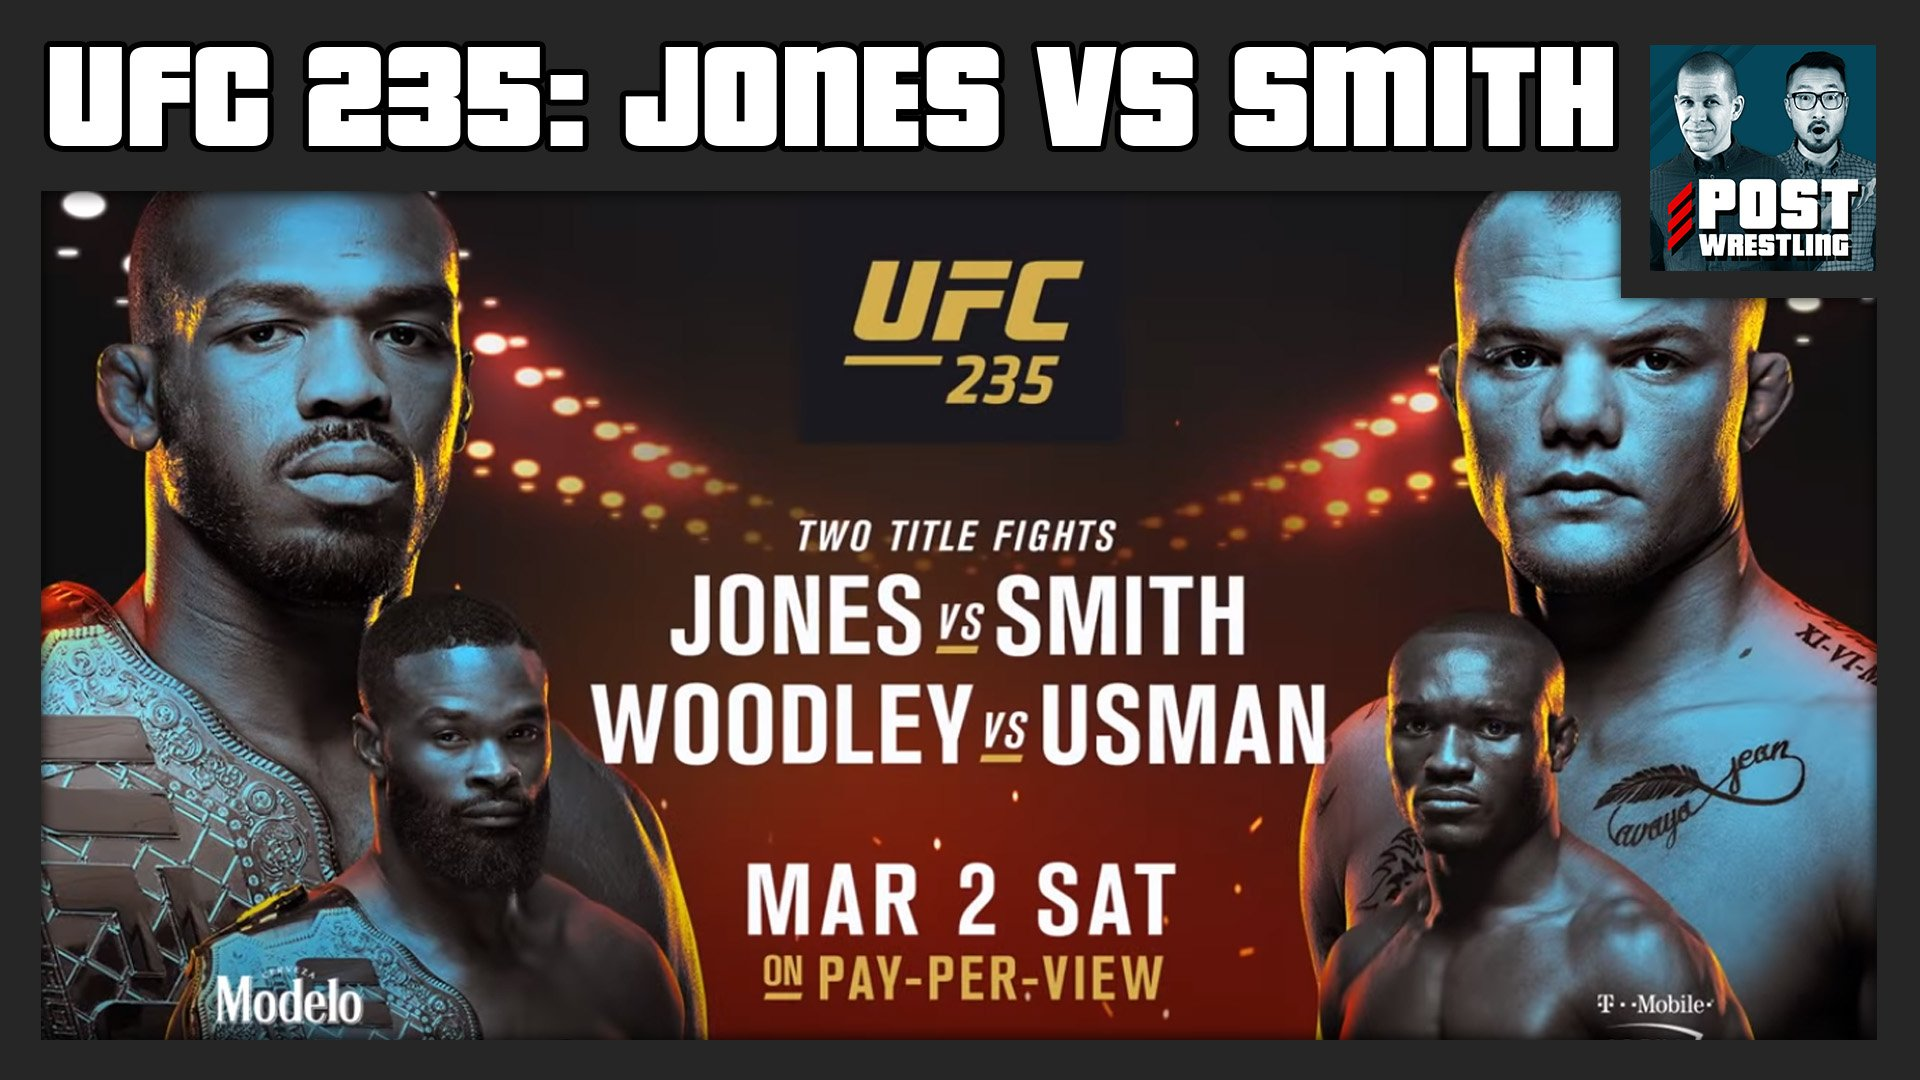 UFC 235 POST Show Jon Jones vs Anthony Smith 1920x1080